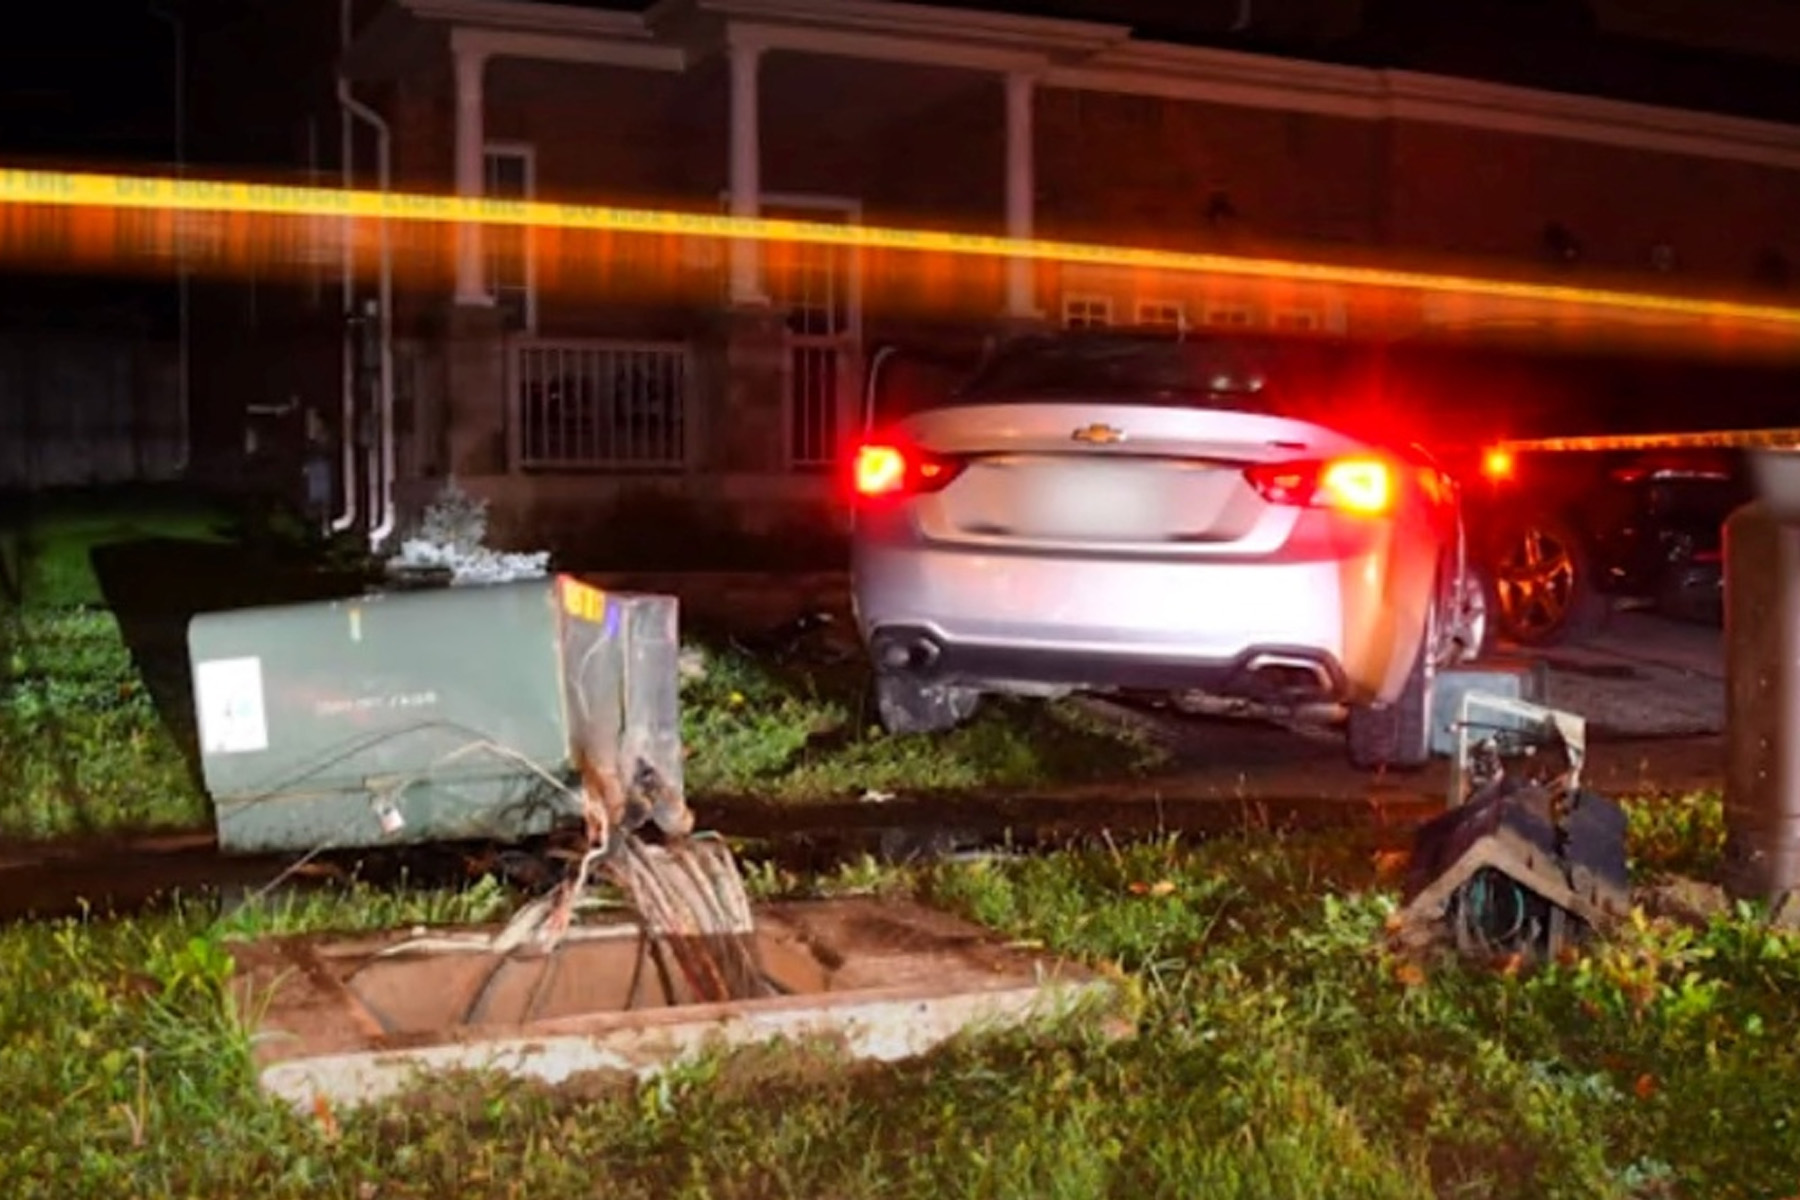 راننده مست درپی تصادف با پست برق در تورنتو و متواری شدن ، دستگیر شد